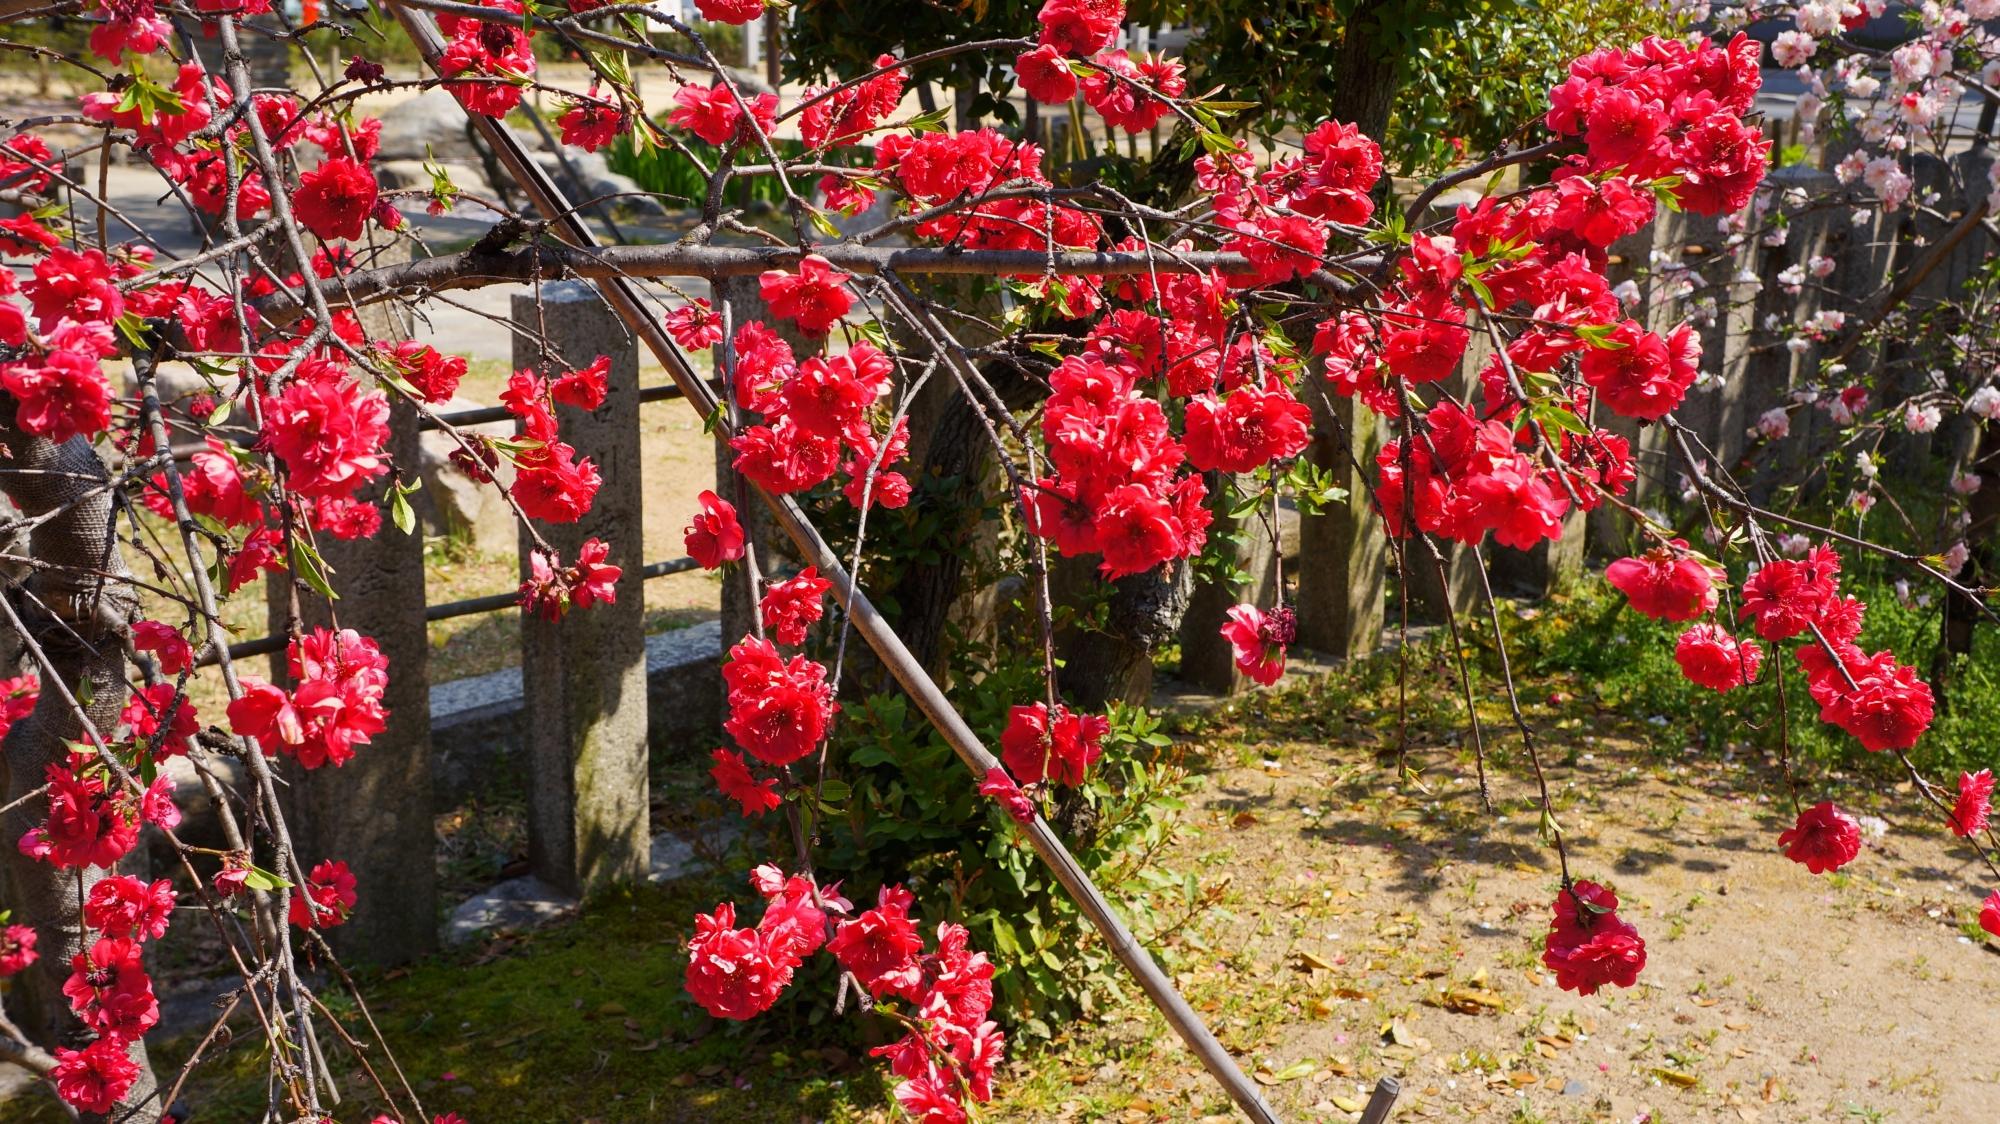 ビビッドな赤色の桃の花